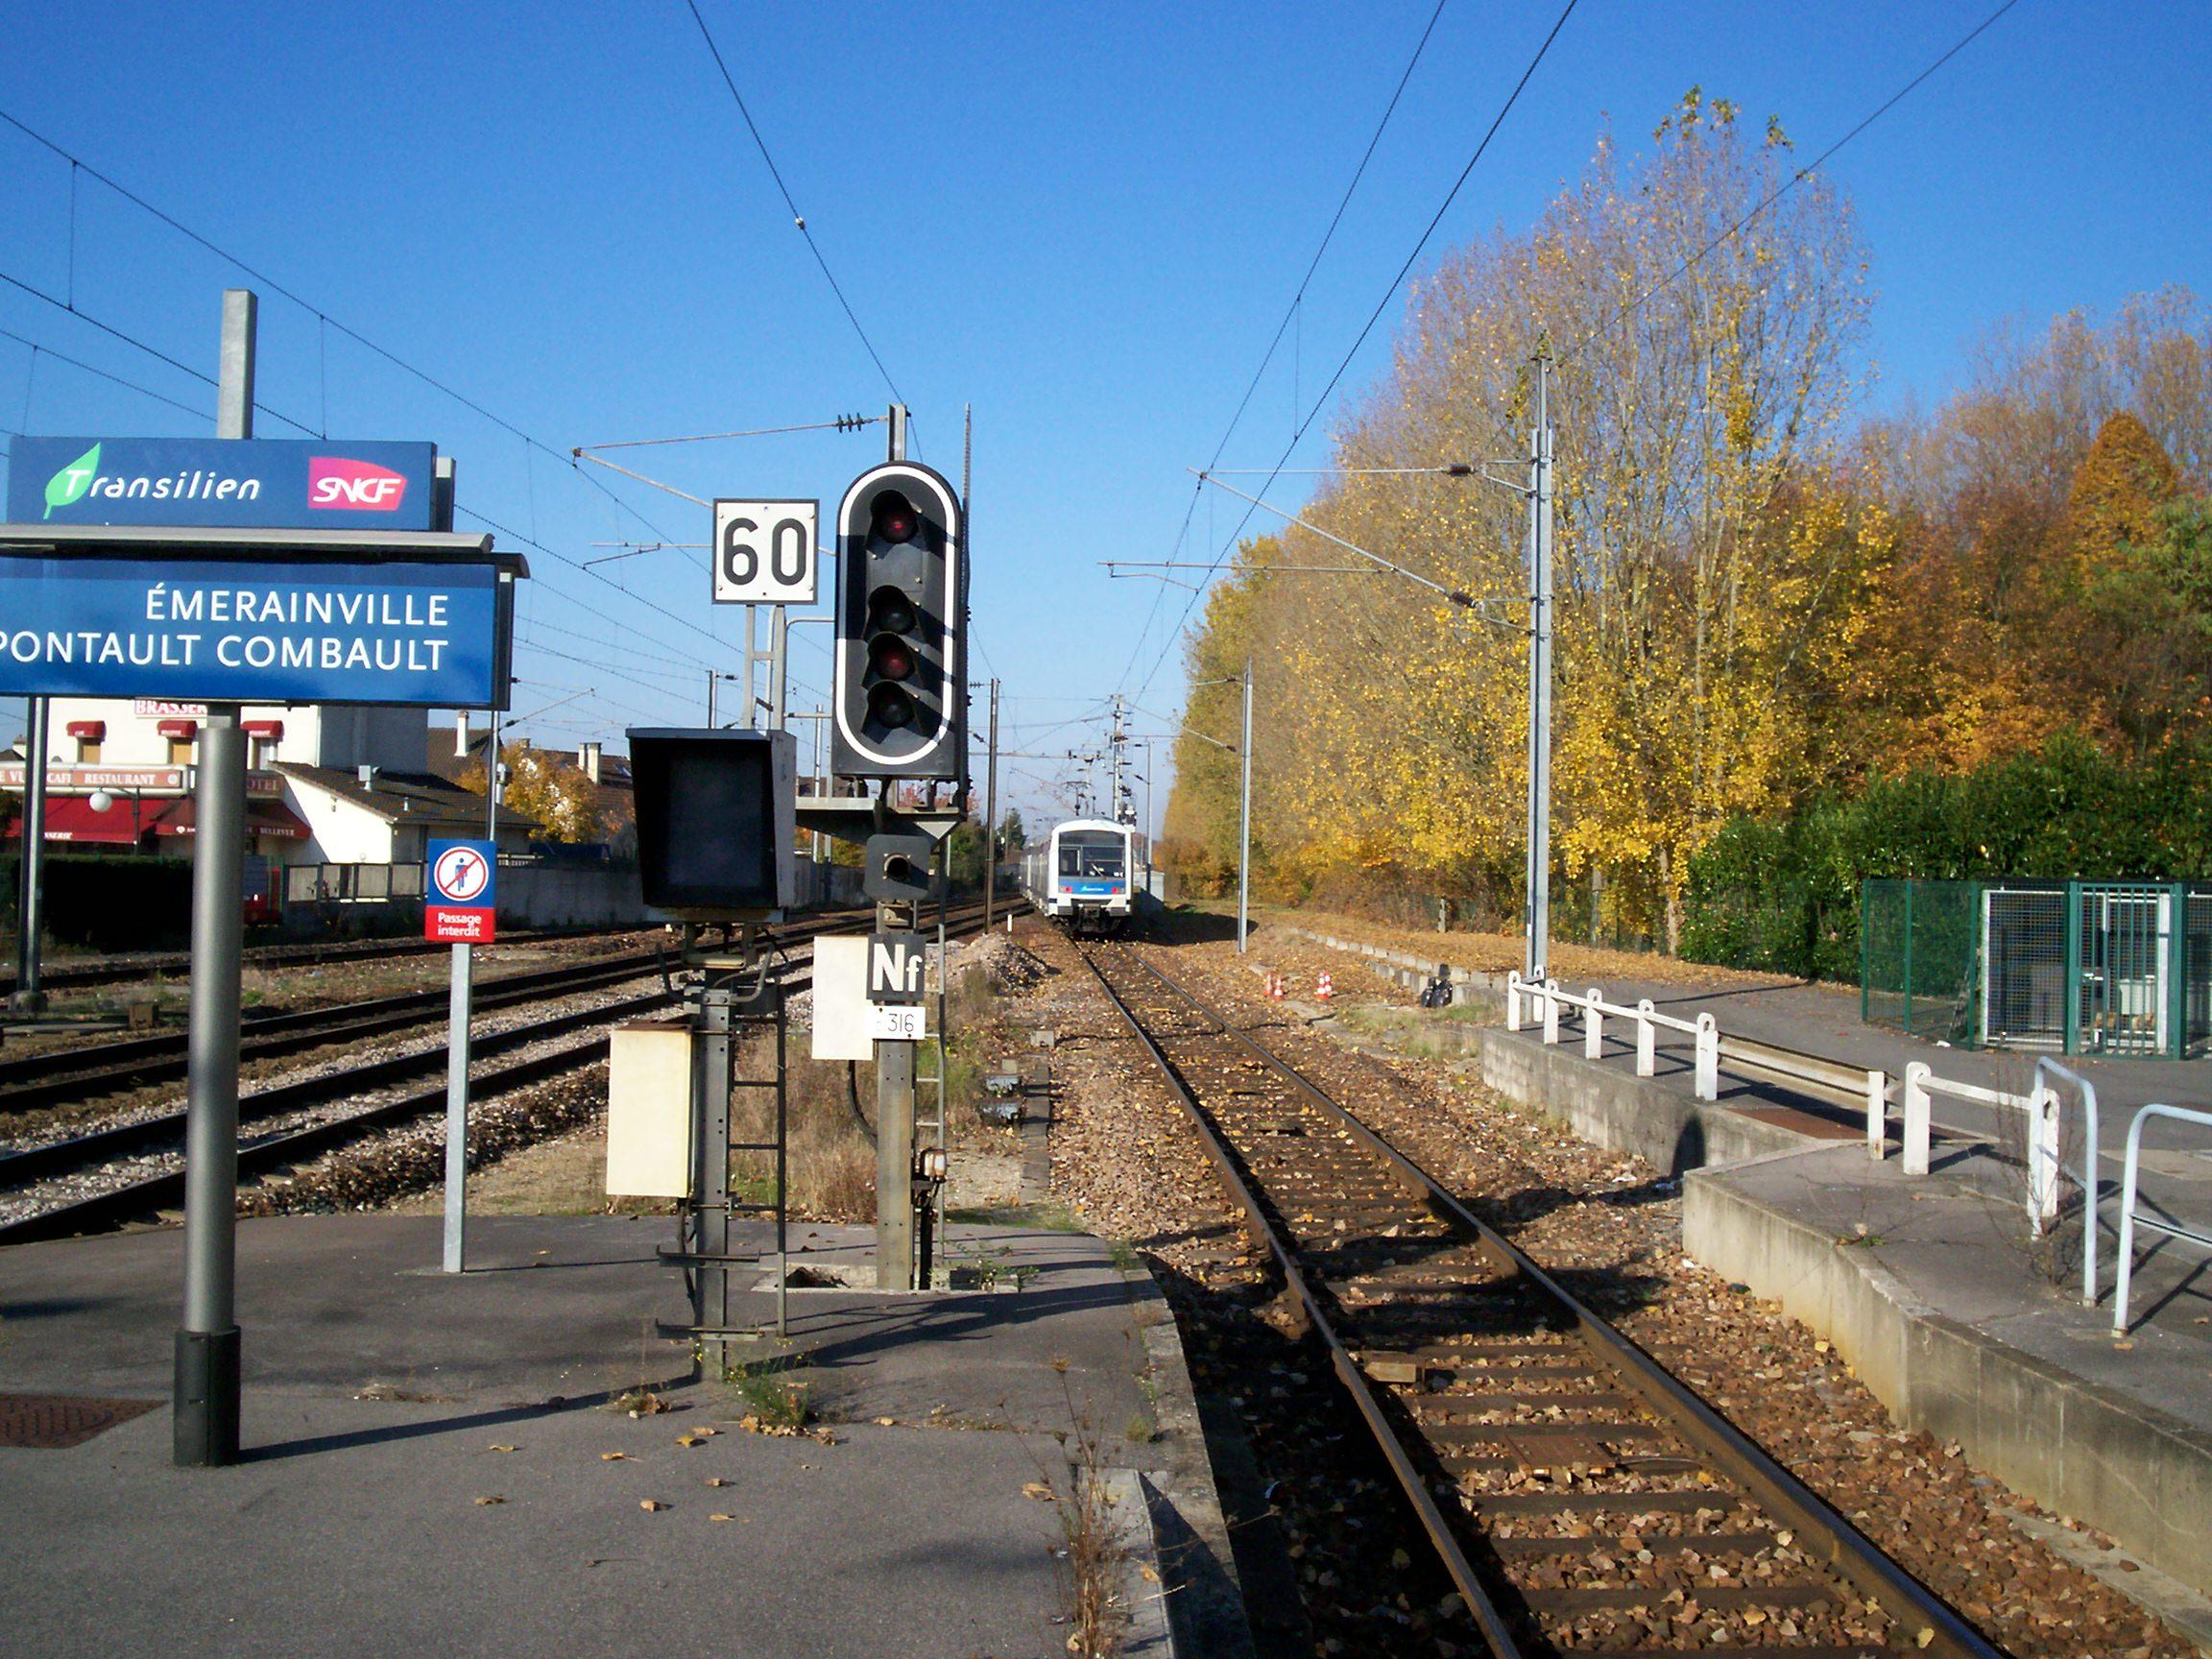 Gare d 39 merainville for Garage de la francilienne pontault combault